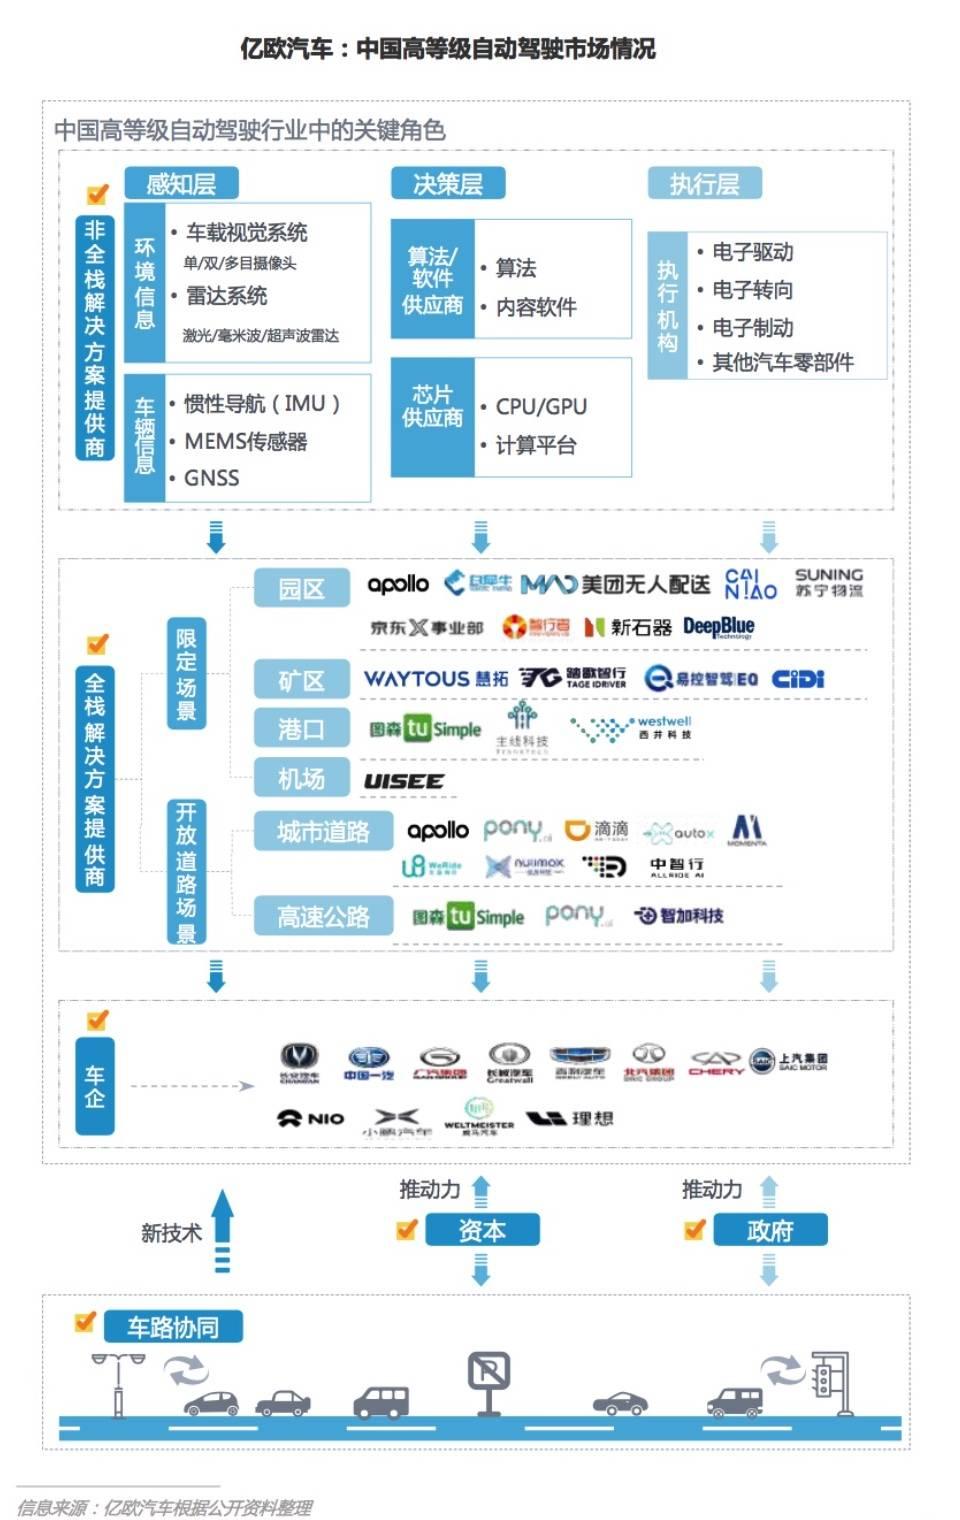 中国高等级自动驾驶市场情况